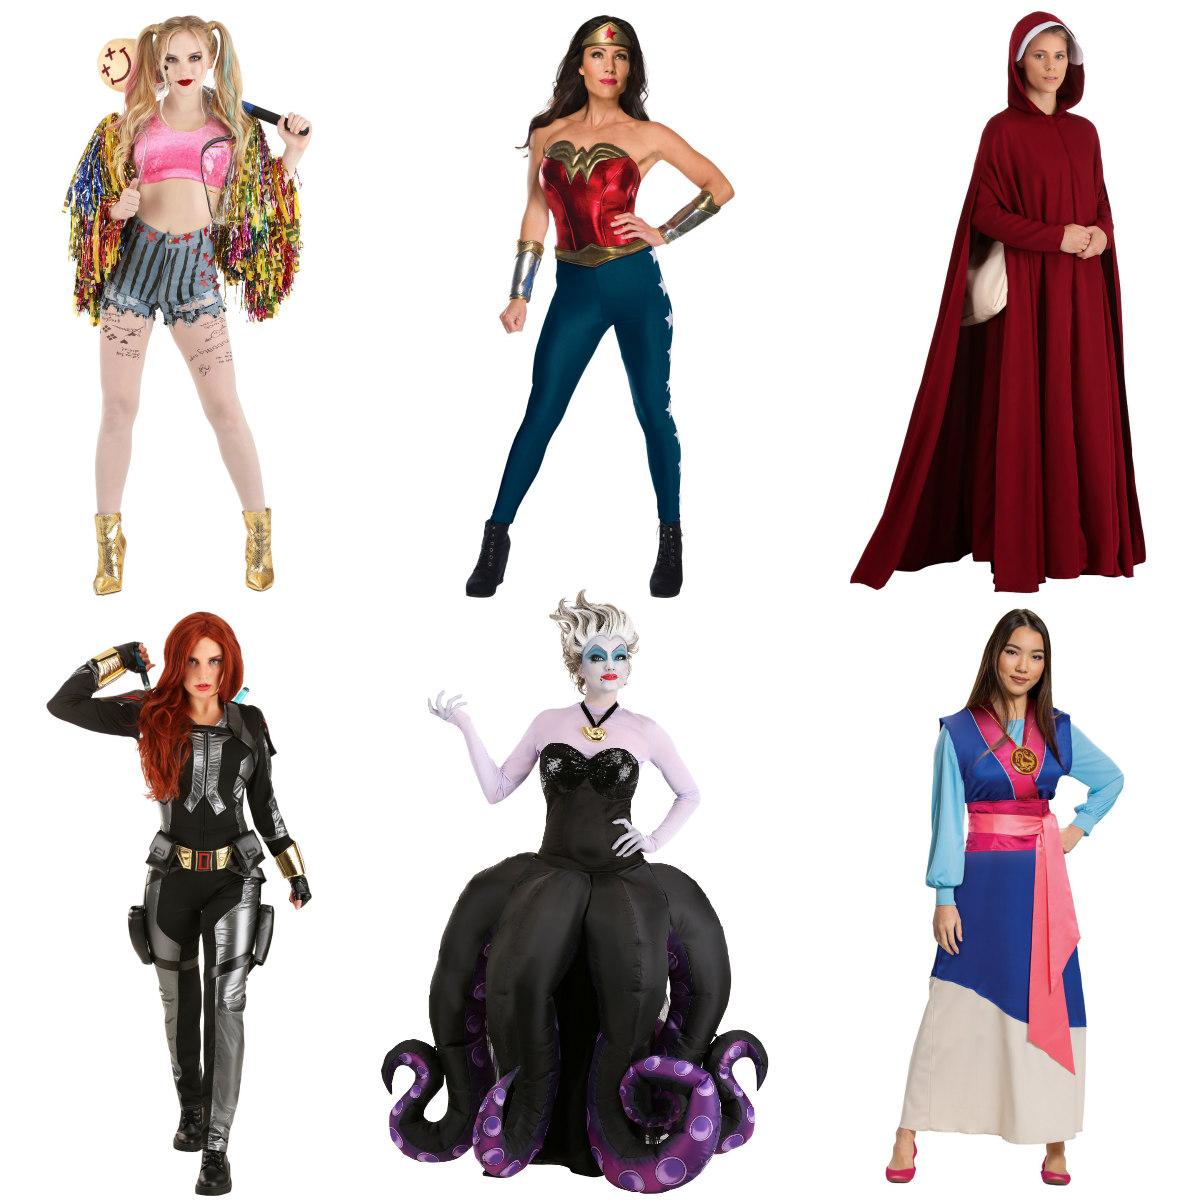 Popular Halloween Costumes for Women in 2020